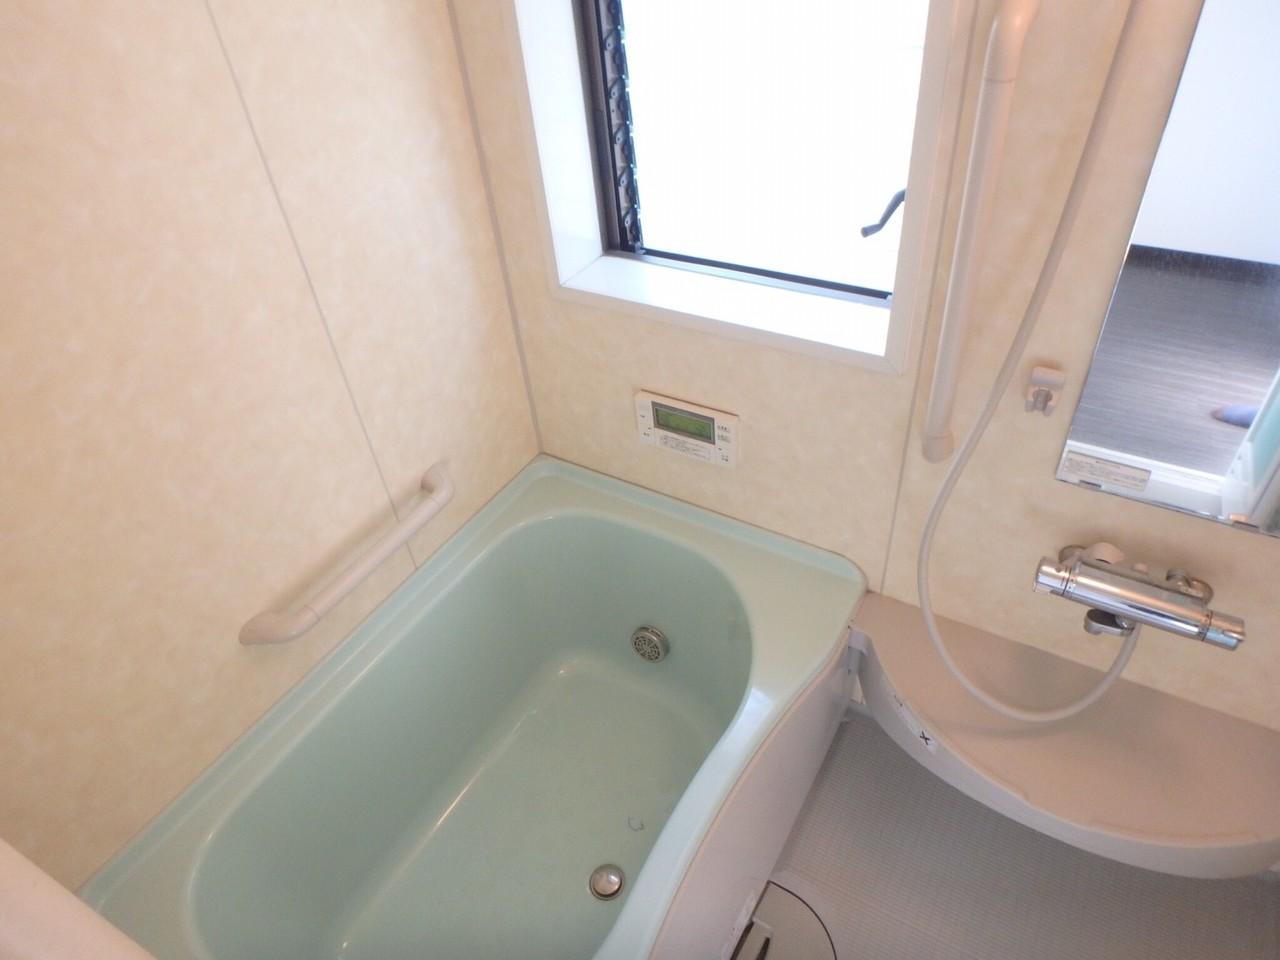 浴室になります。 手すりつきで安心!そして窓付なのでお掃除中の換気などにも便利です!